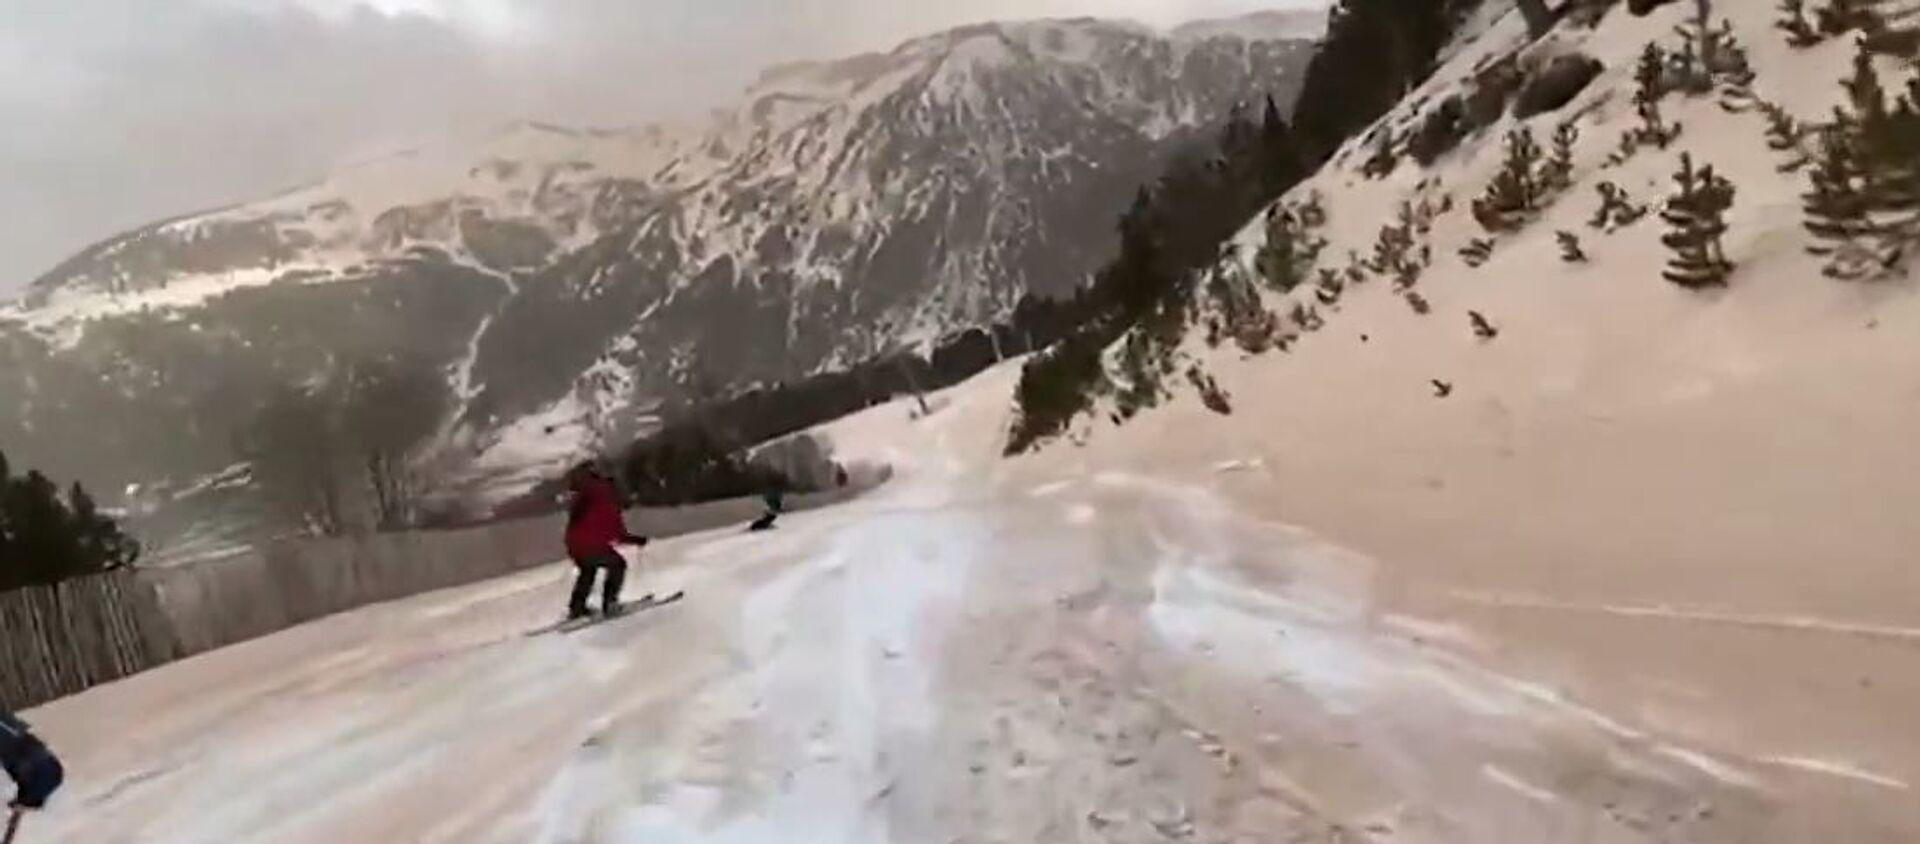 Пустыня на лыжне: облако пыли из Сахары припорошило горнолыжный склон - Sputnik Таджикистан, 1920, 11.02.2021